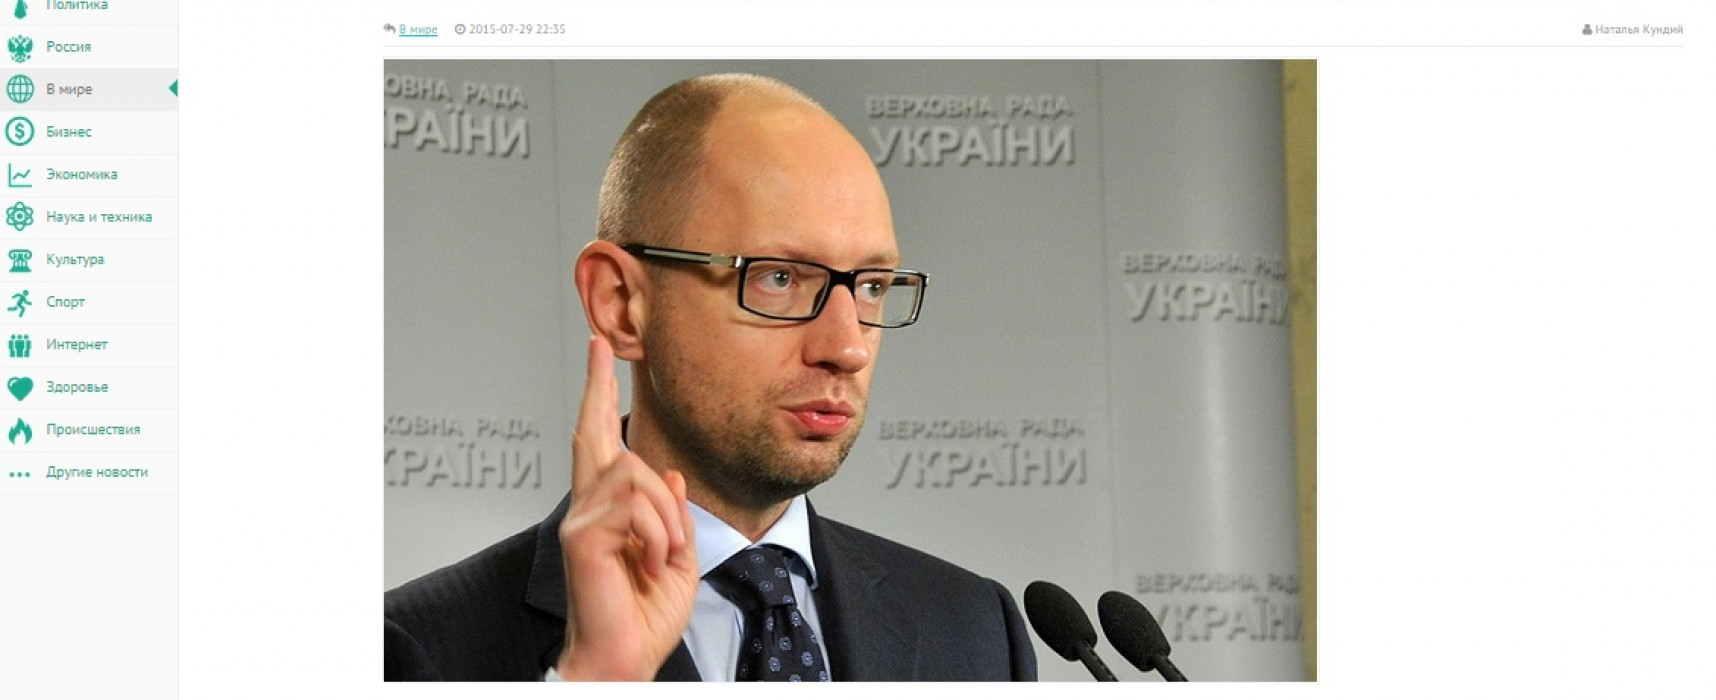 Фейк: Яценюк госпитализирован с нервным срывом